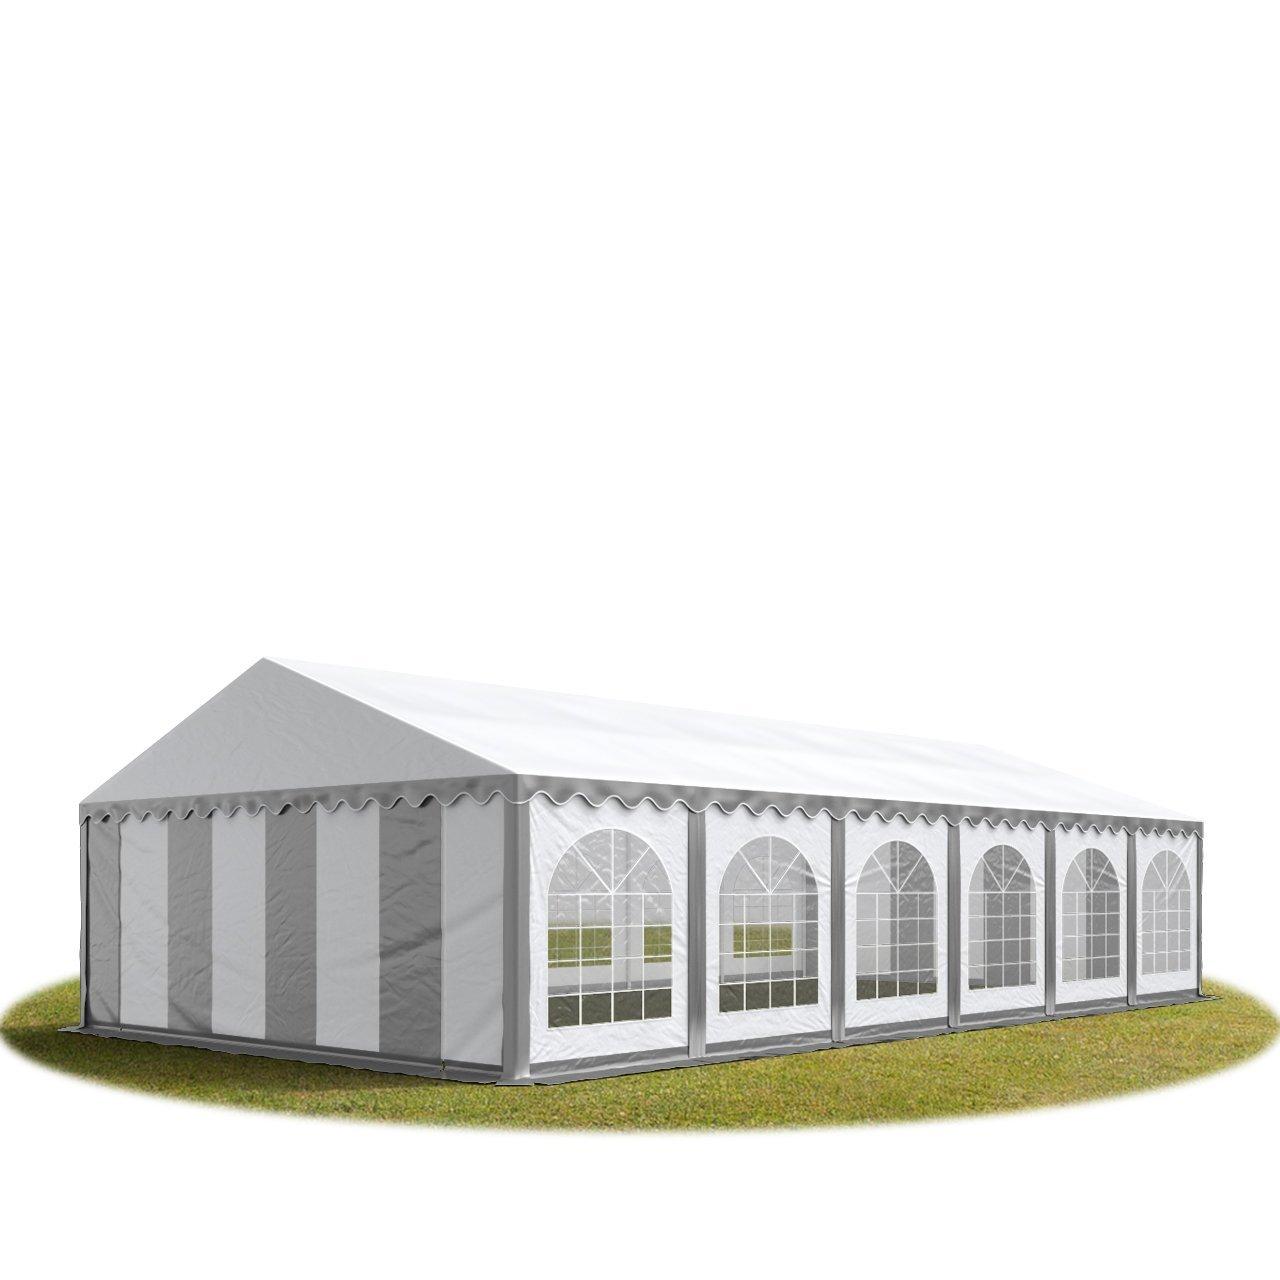 Festzelt Partyzelt 5x12m, hochwertige 500g/m² feuersichere PVC Plane nach DIN in grau-weiß, 100% wasserdicht, vollverzinkte Stahlkonstruktion mit Verbolzung